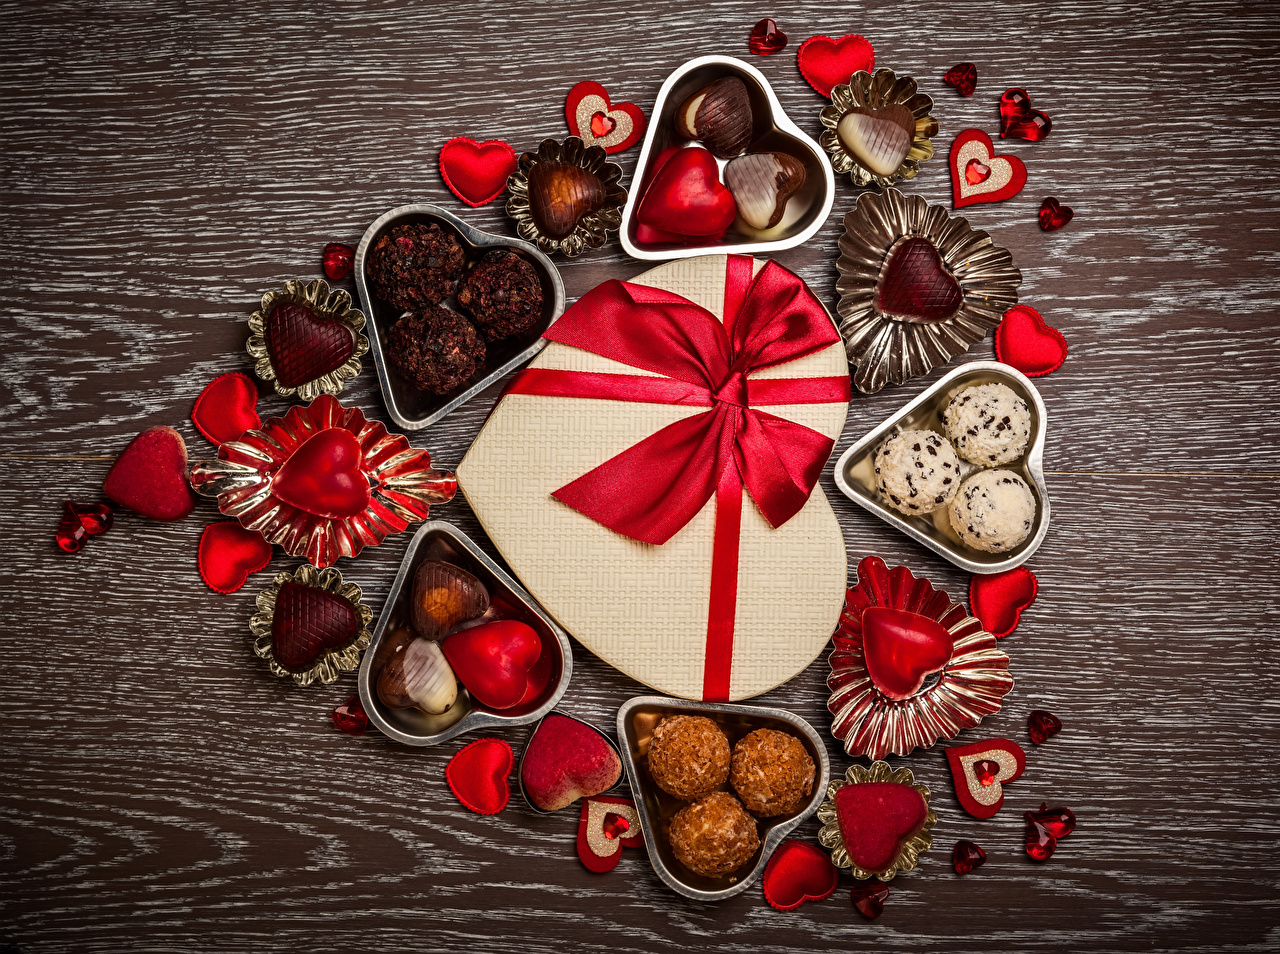 Картинка День святого Валентина Сердце Шоколад Конфеты Подарки Еда Бантик Сладости